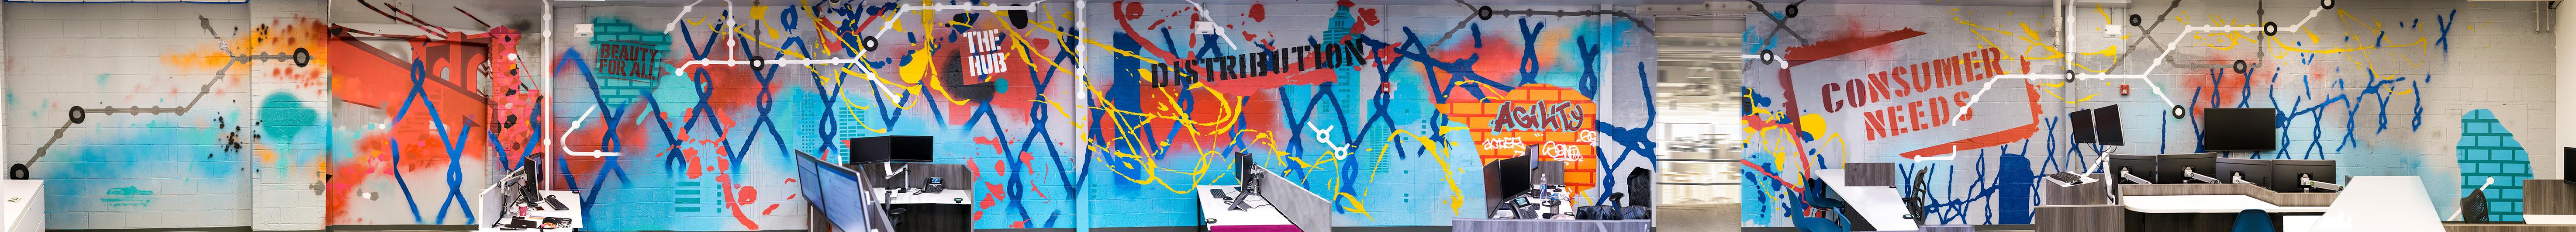 New Jersey office graffiti panoramic